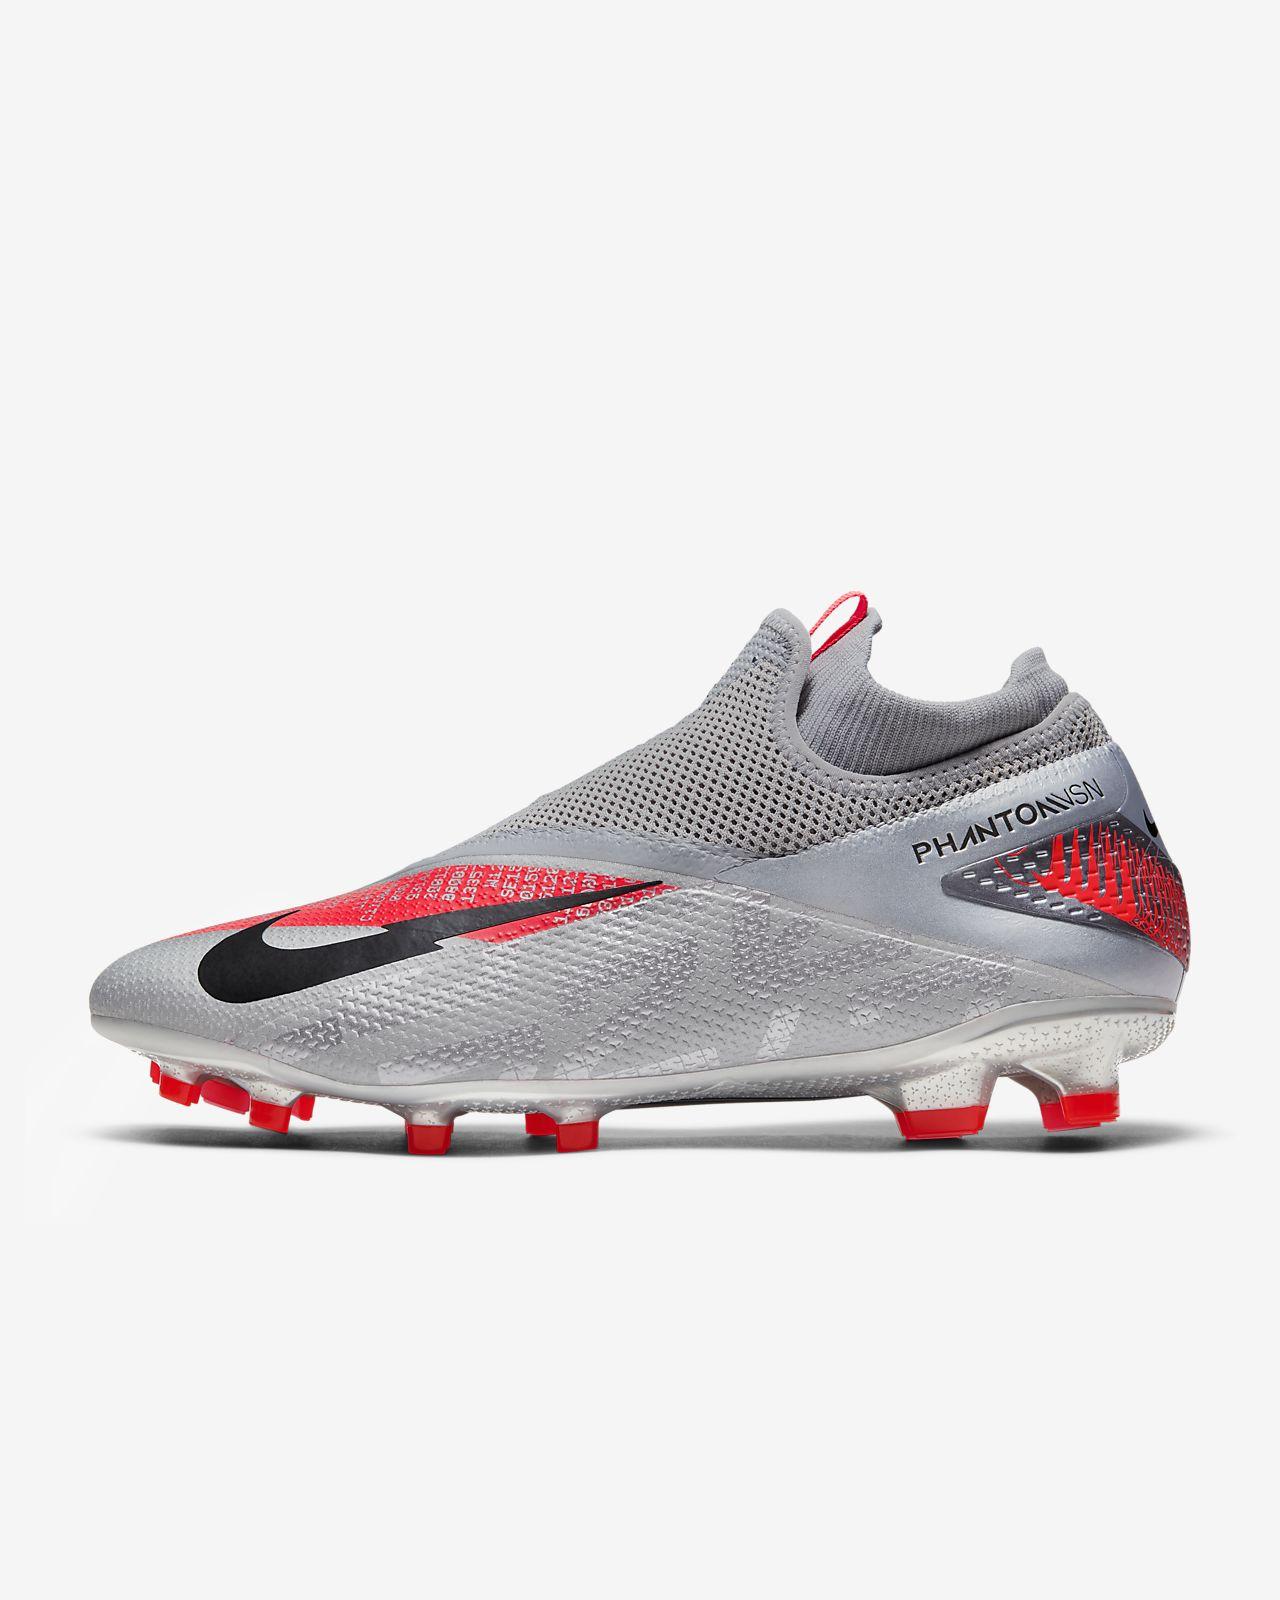 Fotbollssko för gräs Nike Phantom Vision 2 Pro Dynamic Fit FG